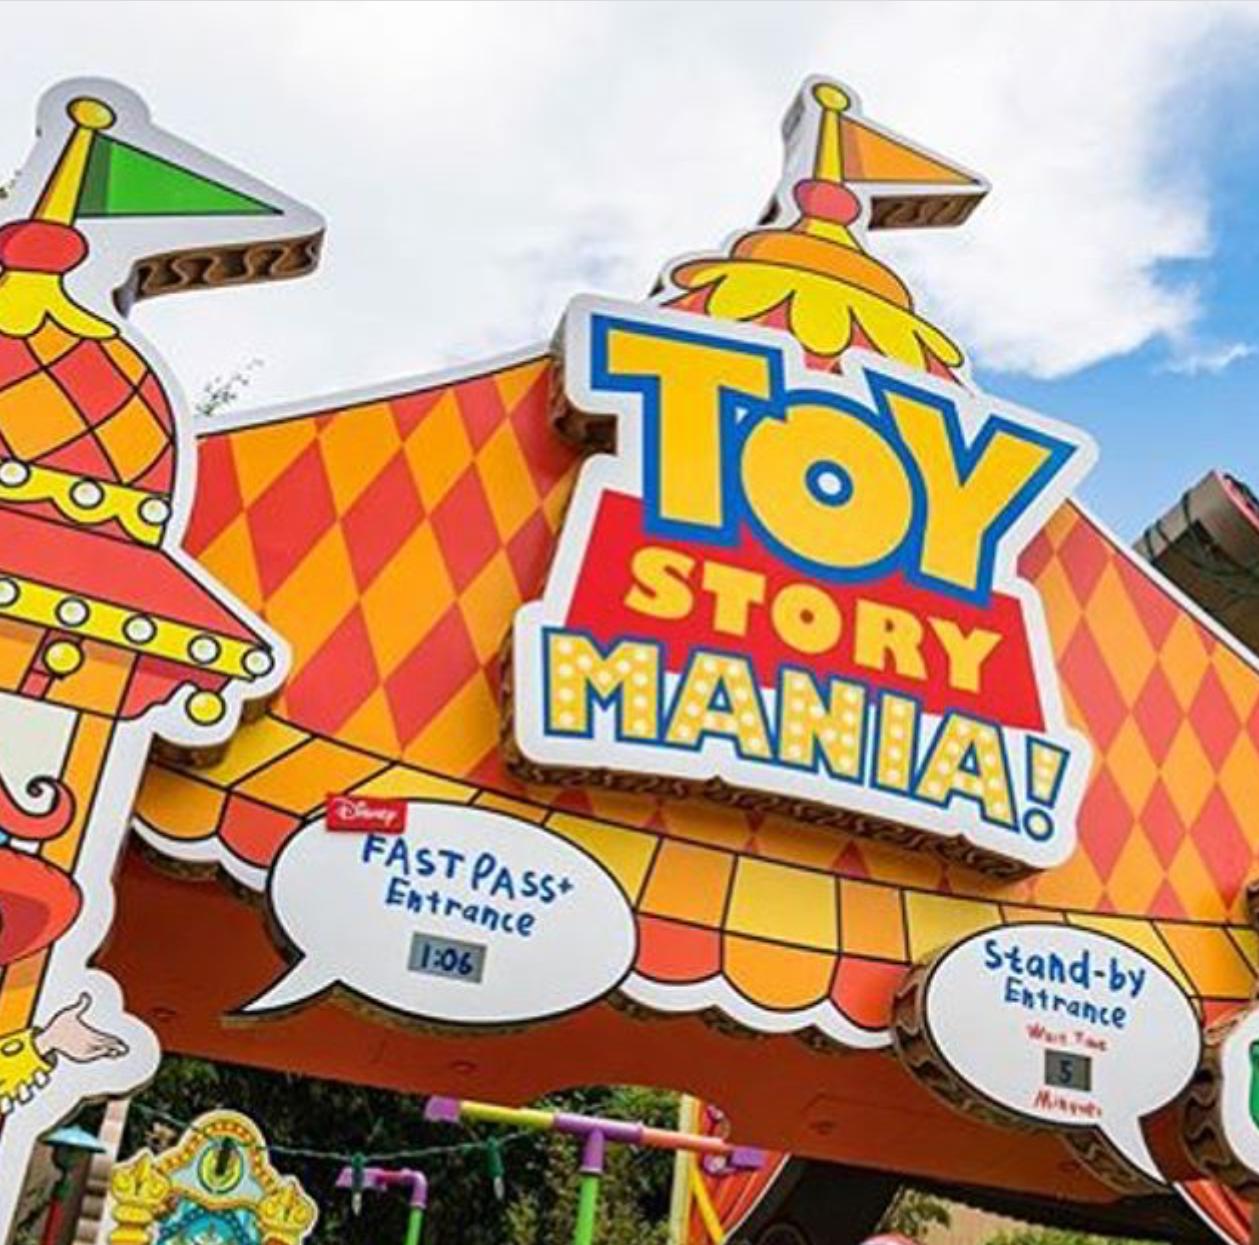 ToyStory Mania